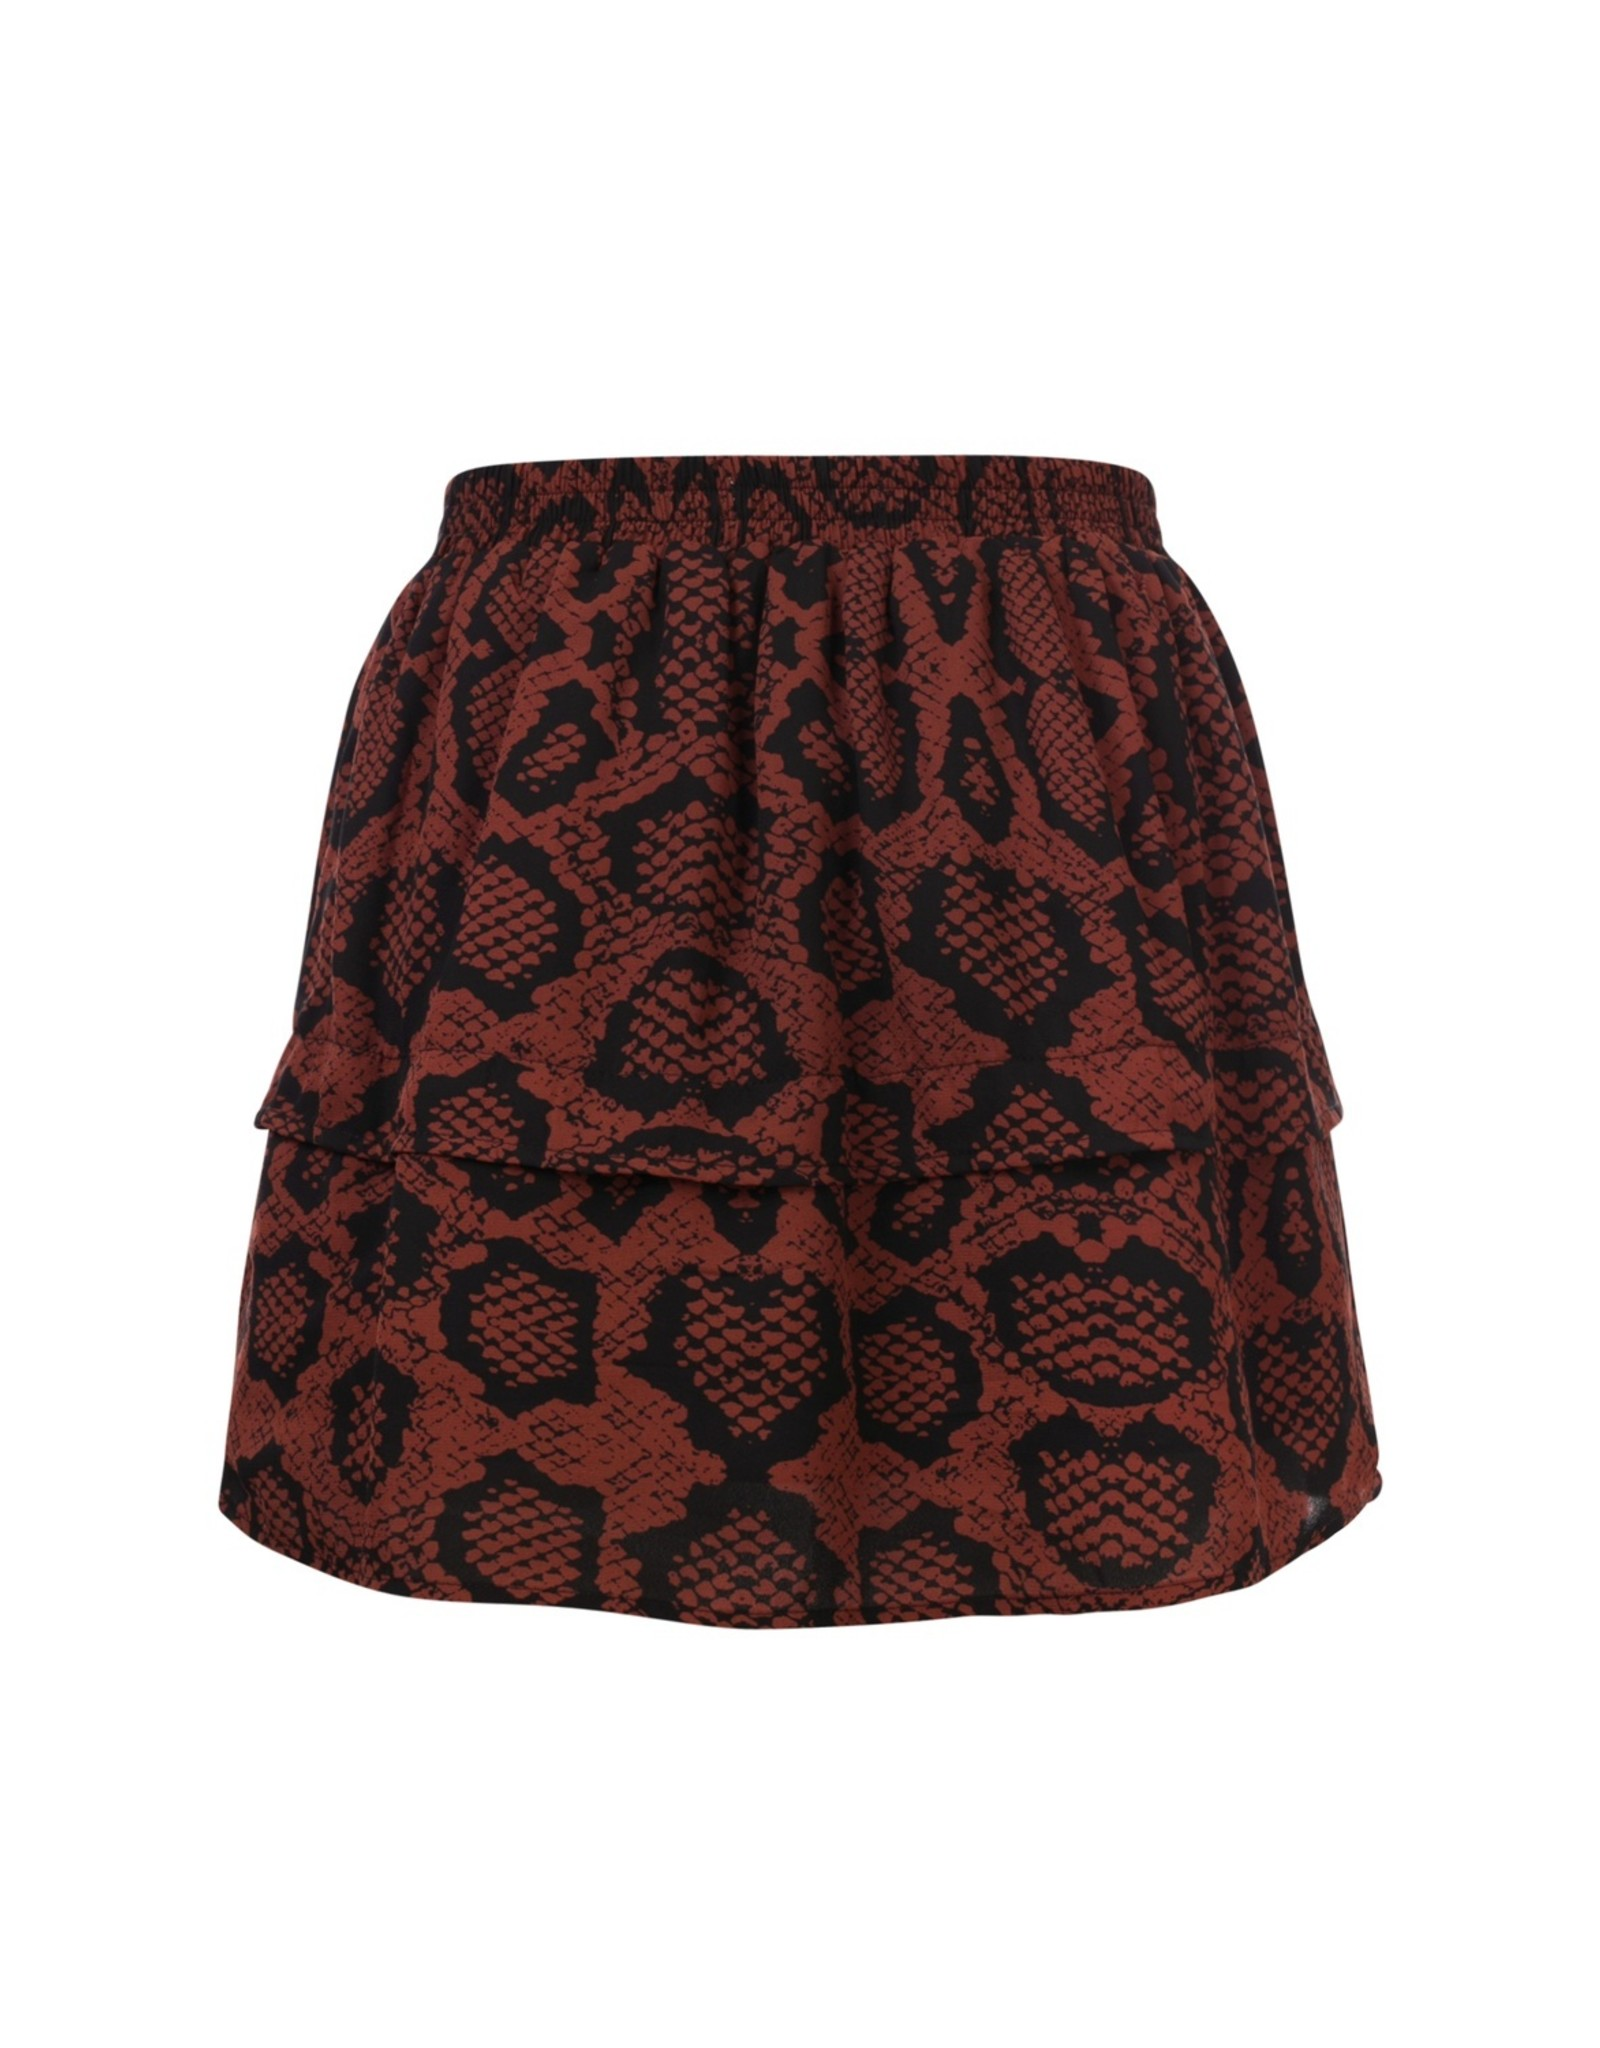 Looxs 10SIXTEEN Girls skirt snake